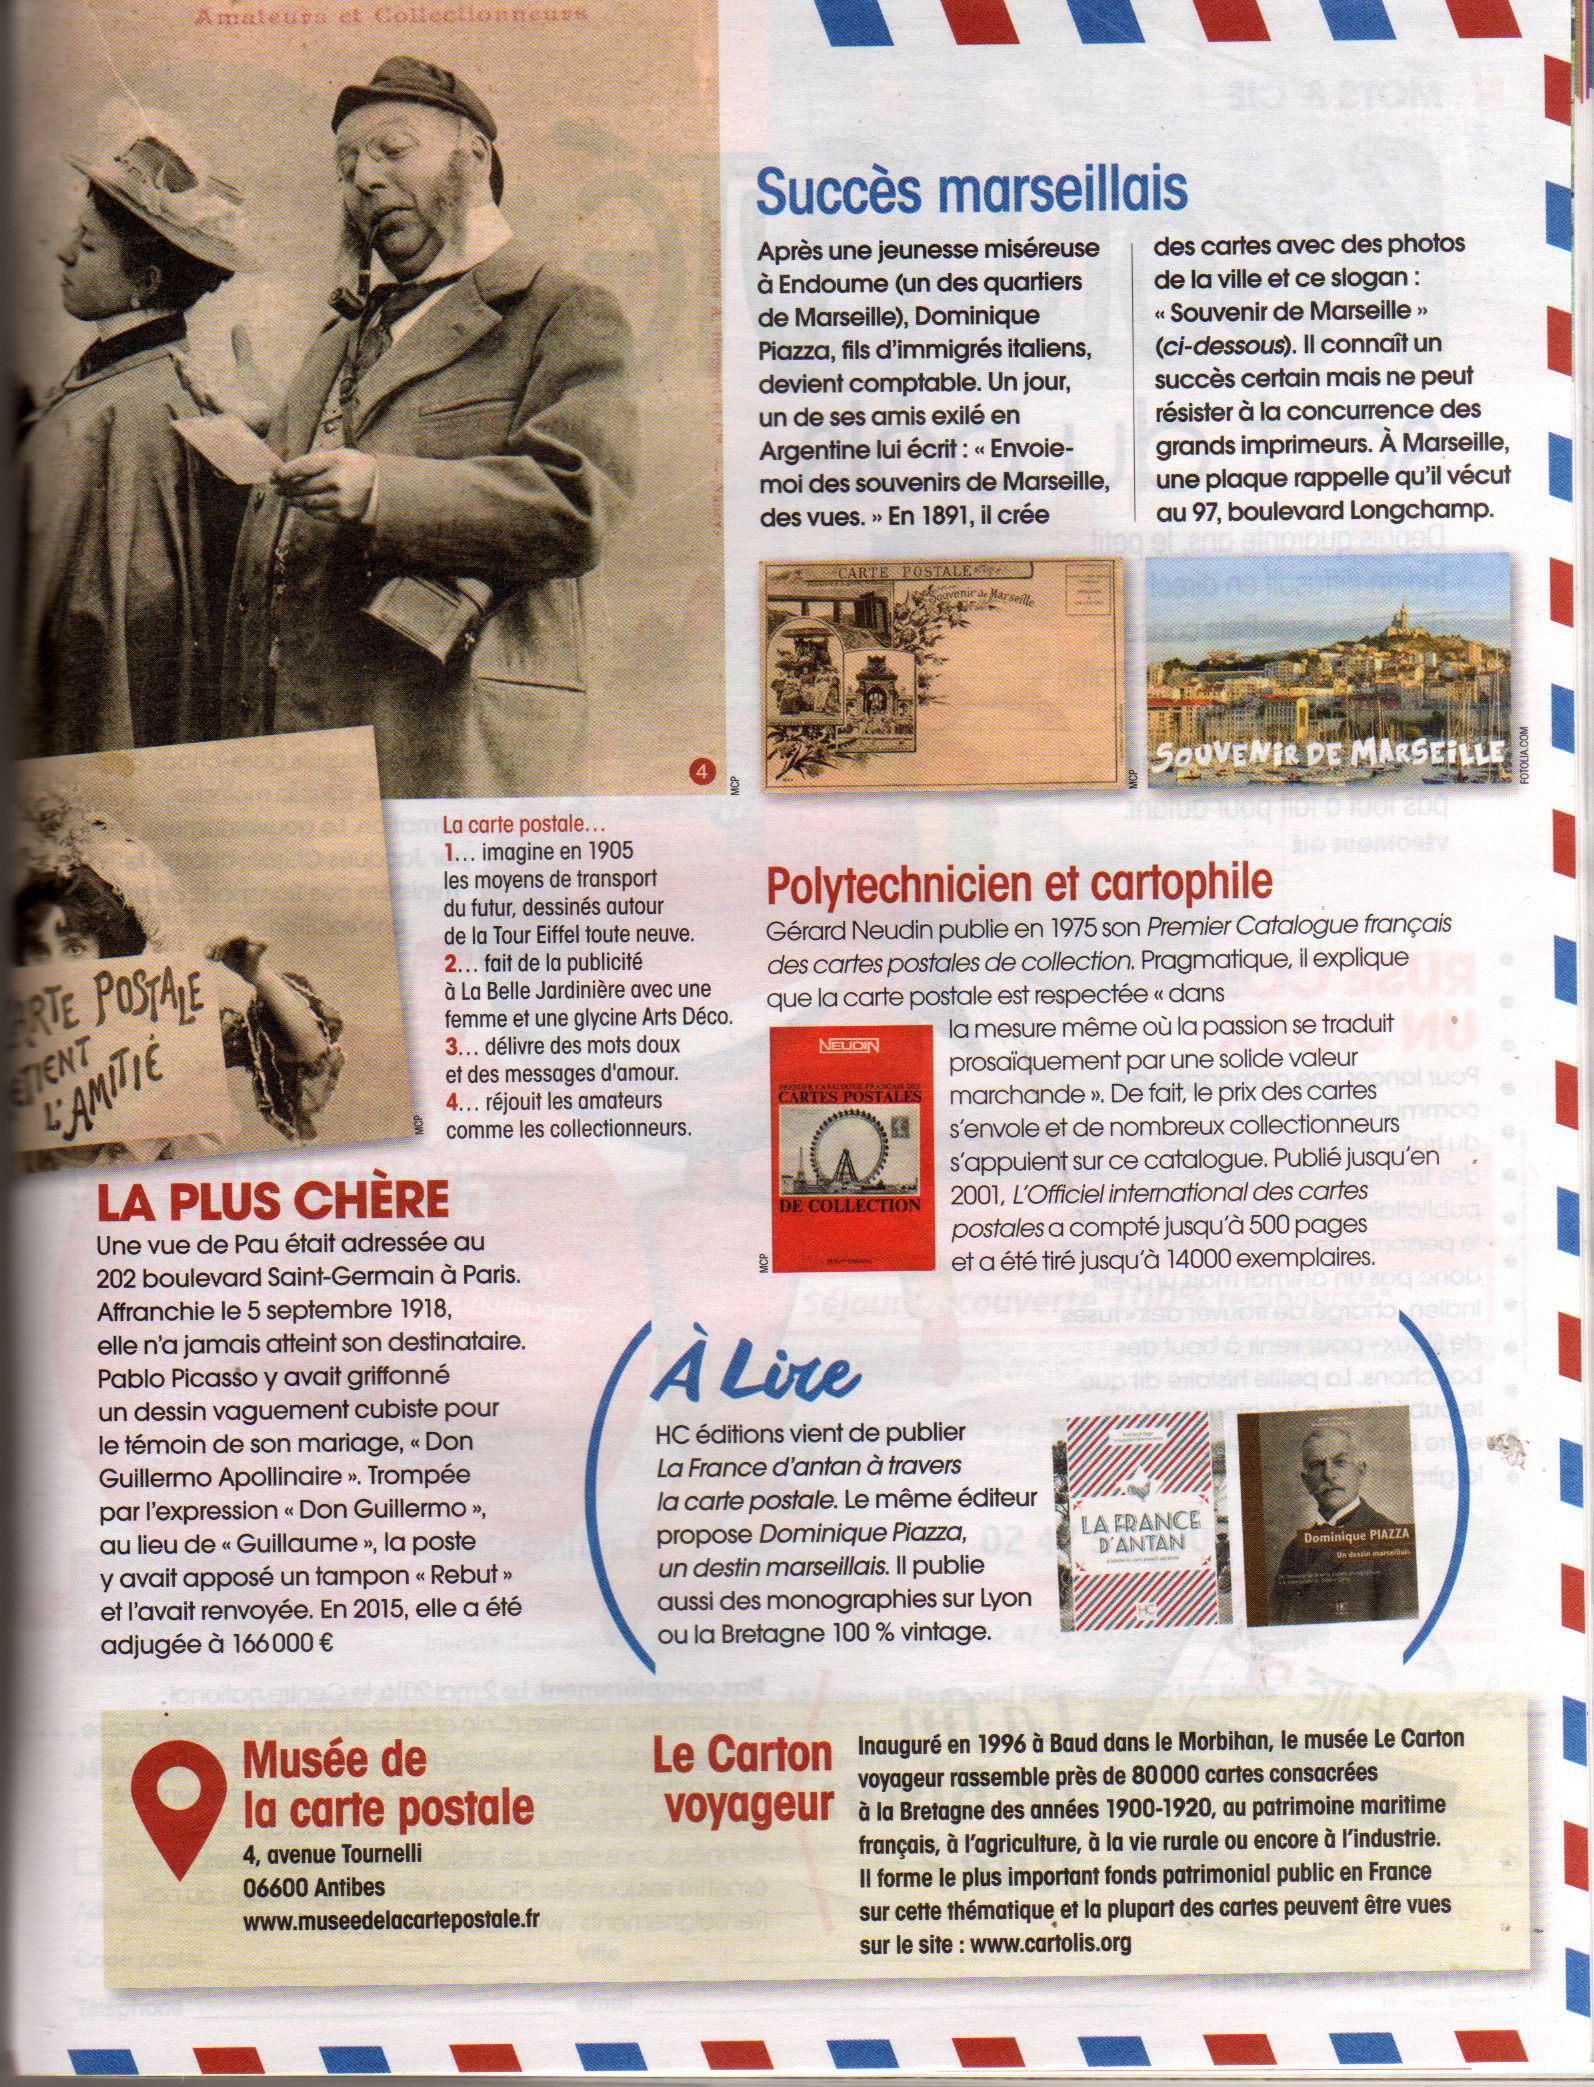 Article sur les cartes postales et le musée de la carte postale, issu de la revue Notre Temps, édition d'Août 2016.